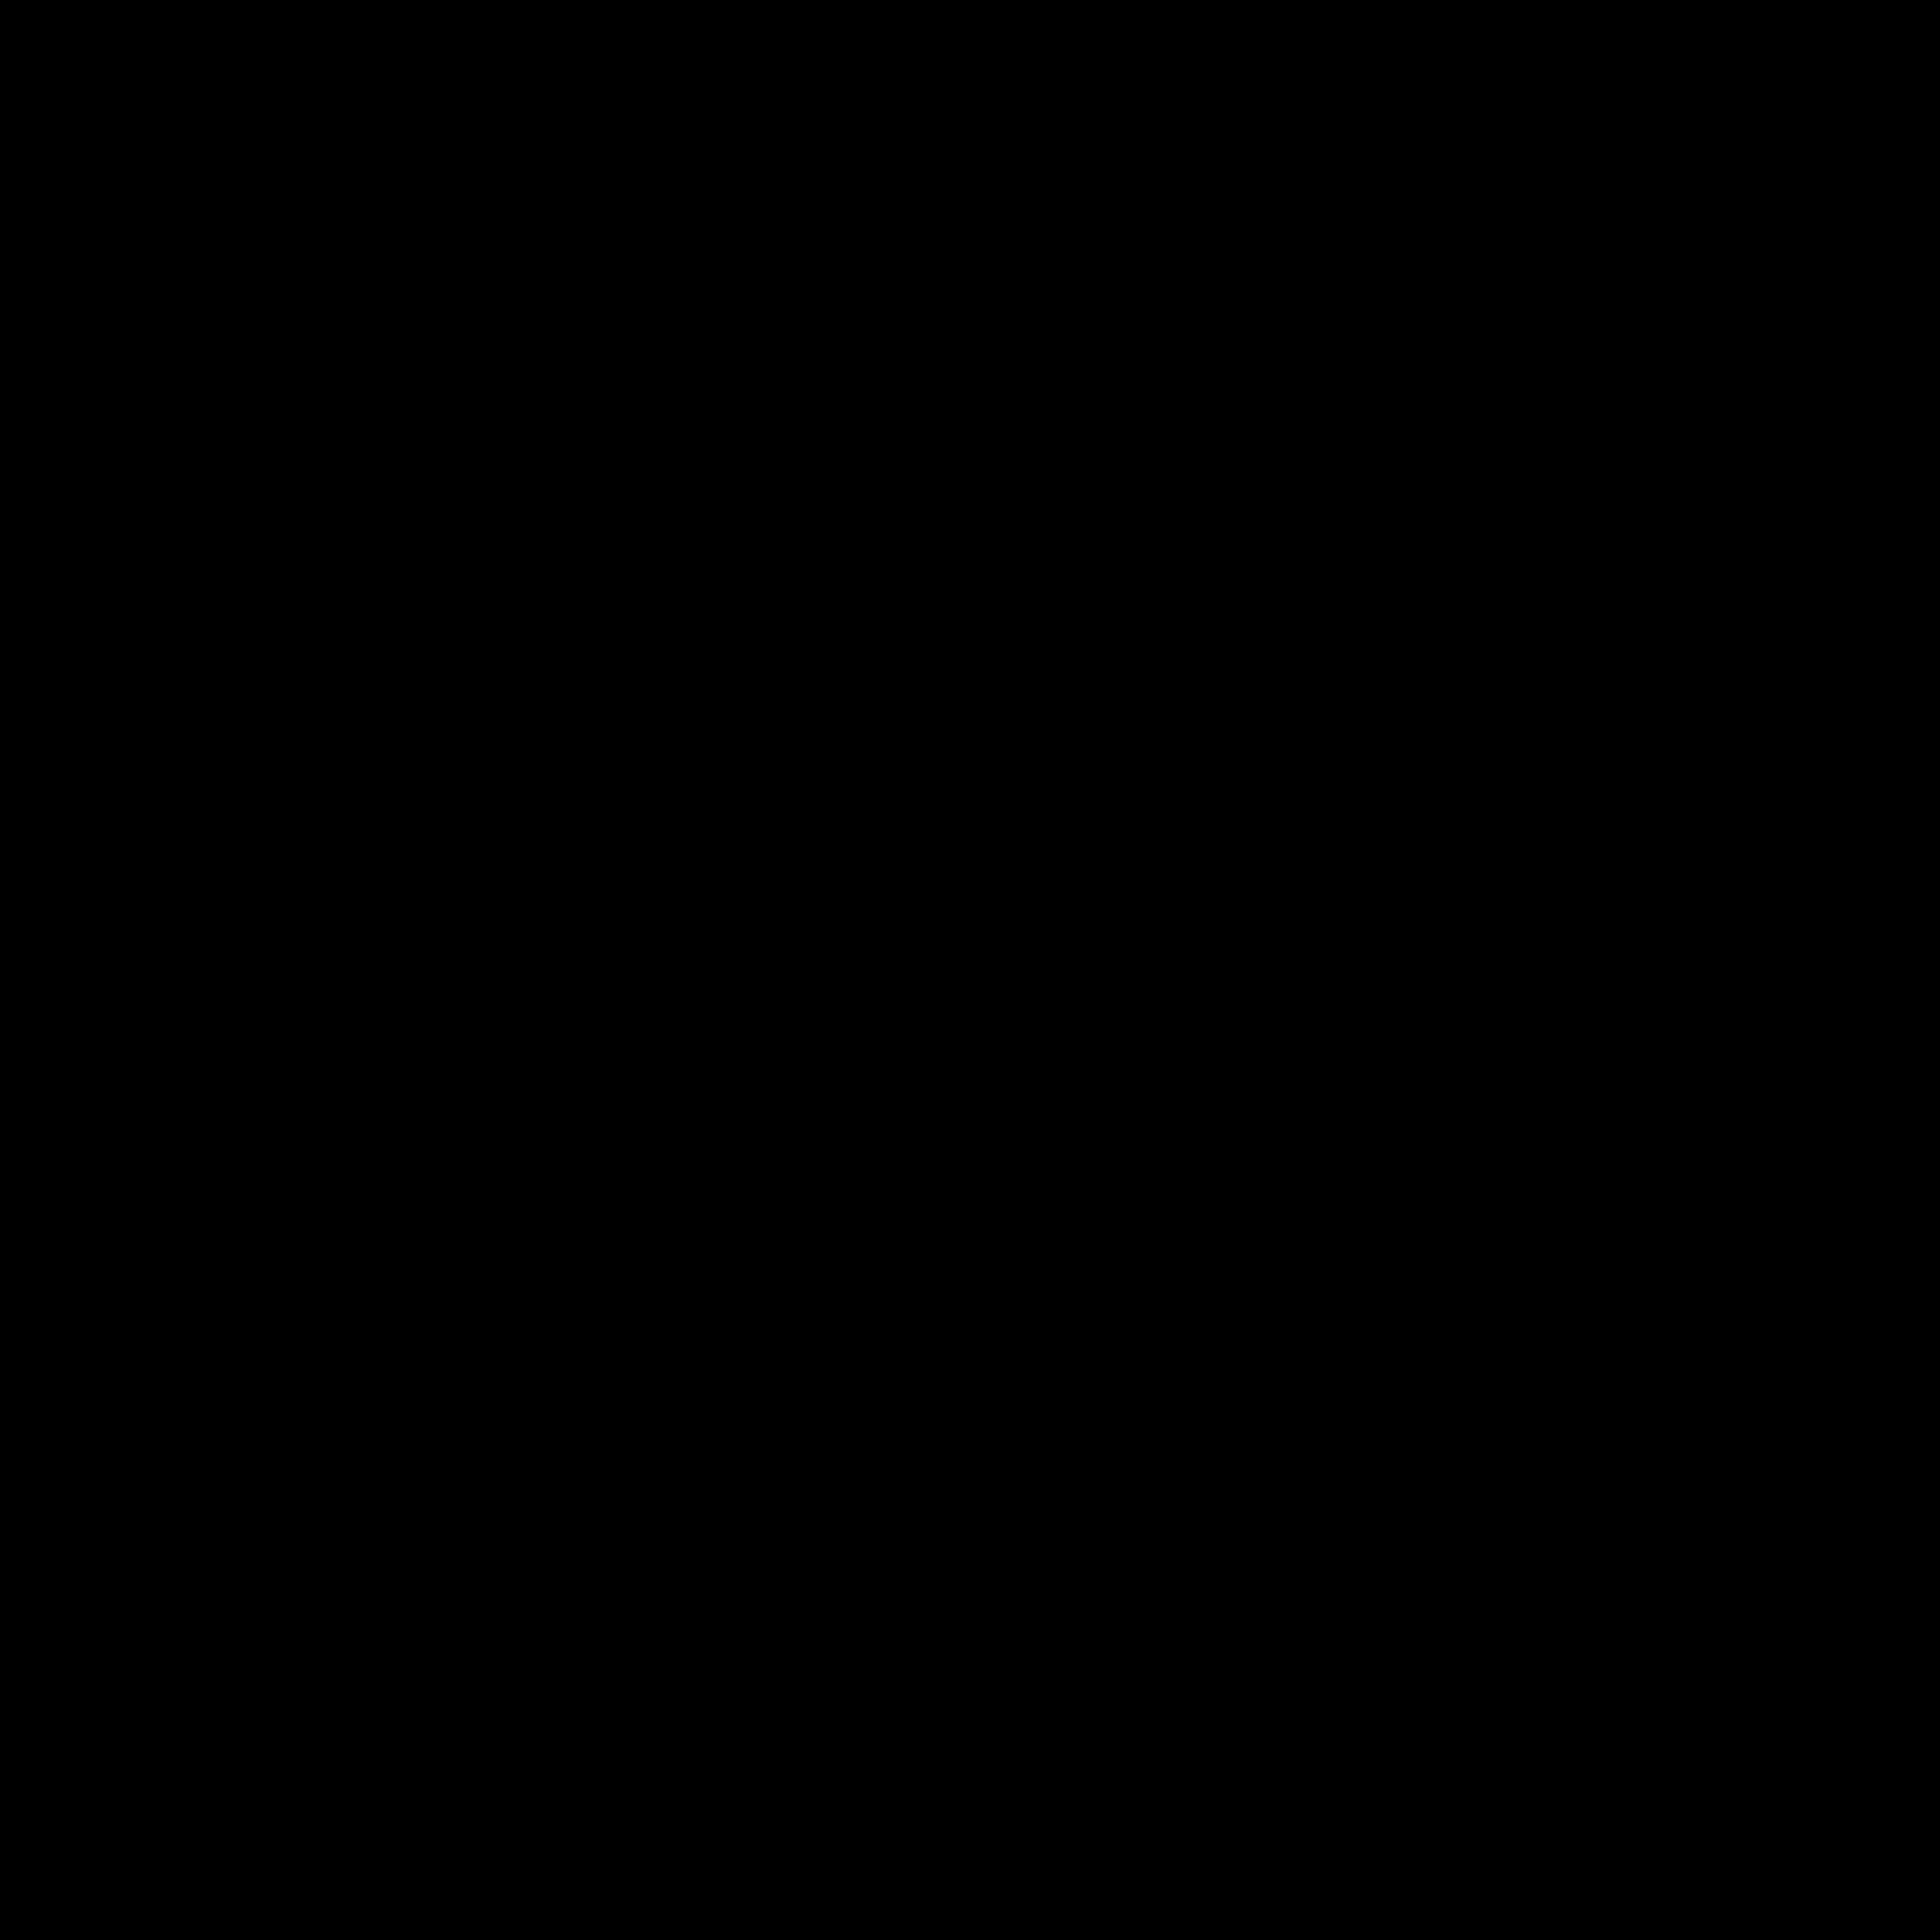 Biotherm Logo PNG Transparent & SVG Vector.